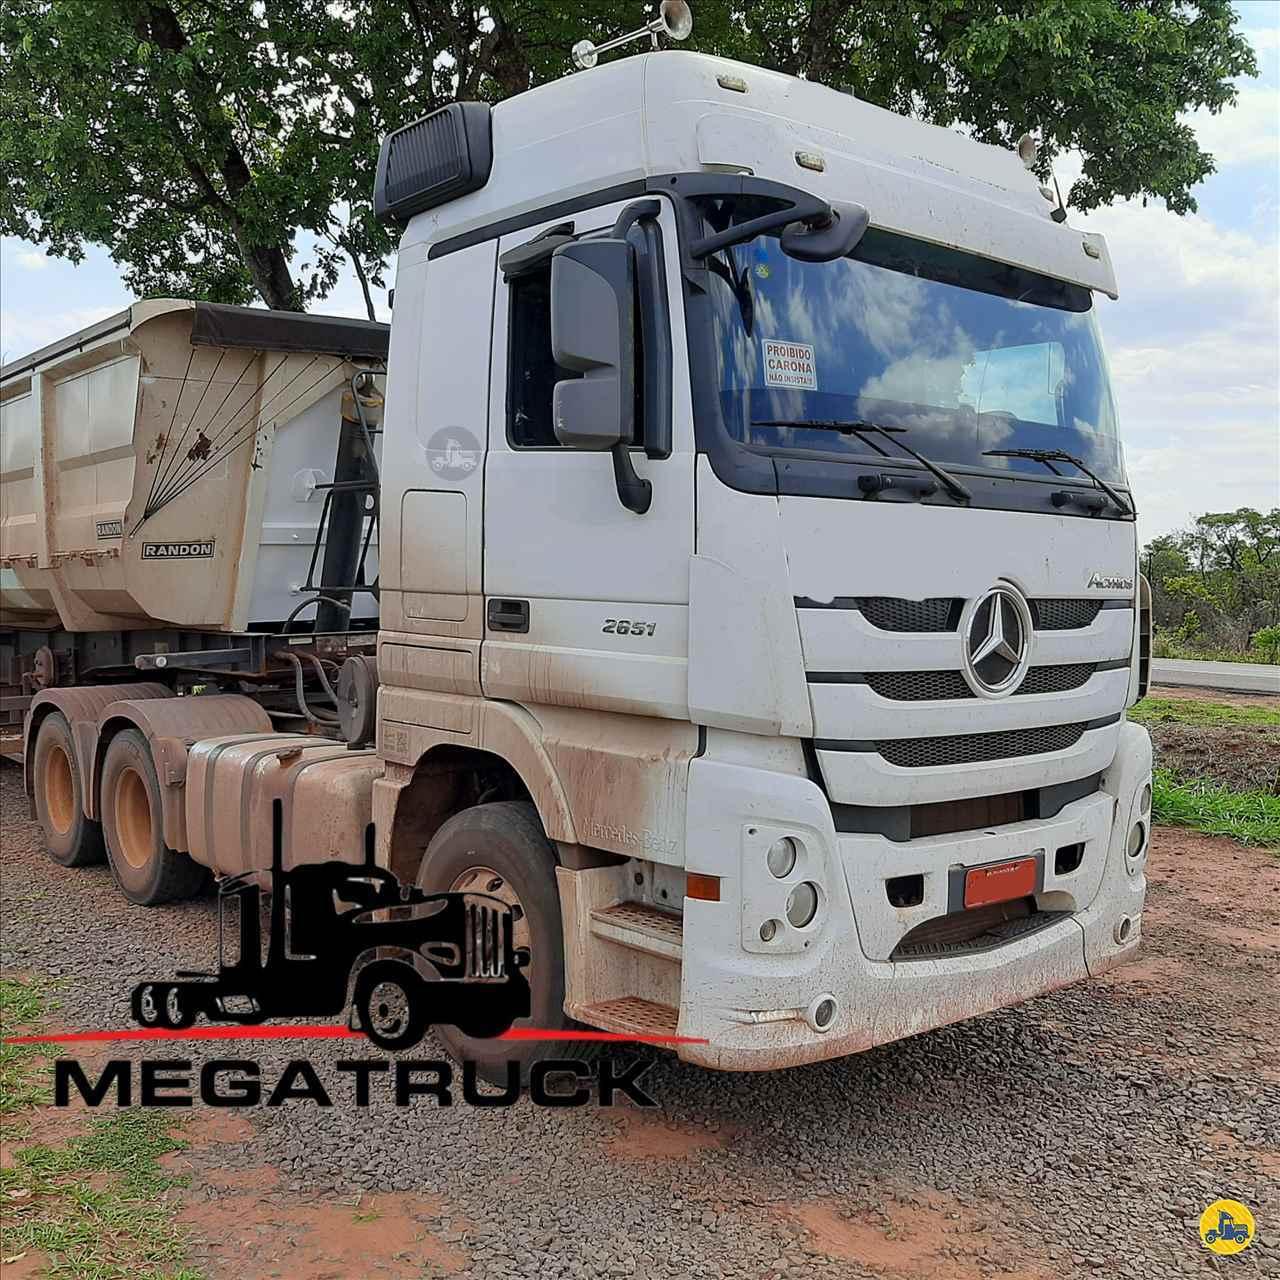 CAMINHAO MERCEDES-BENZ MB 2651 Cavalo Mecânico Traçado 6x4 Megatruck Caminhões e Máquinas CAMPO GRANDE MATO GROSSO DO SUL MS